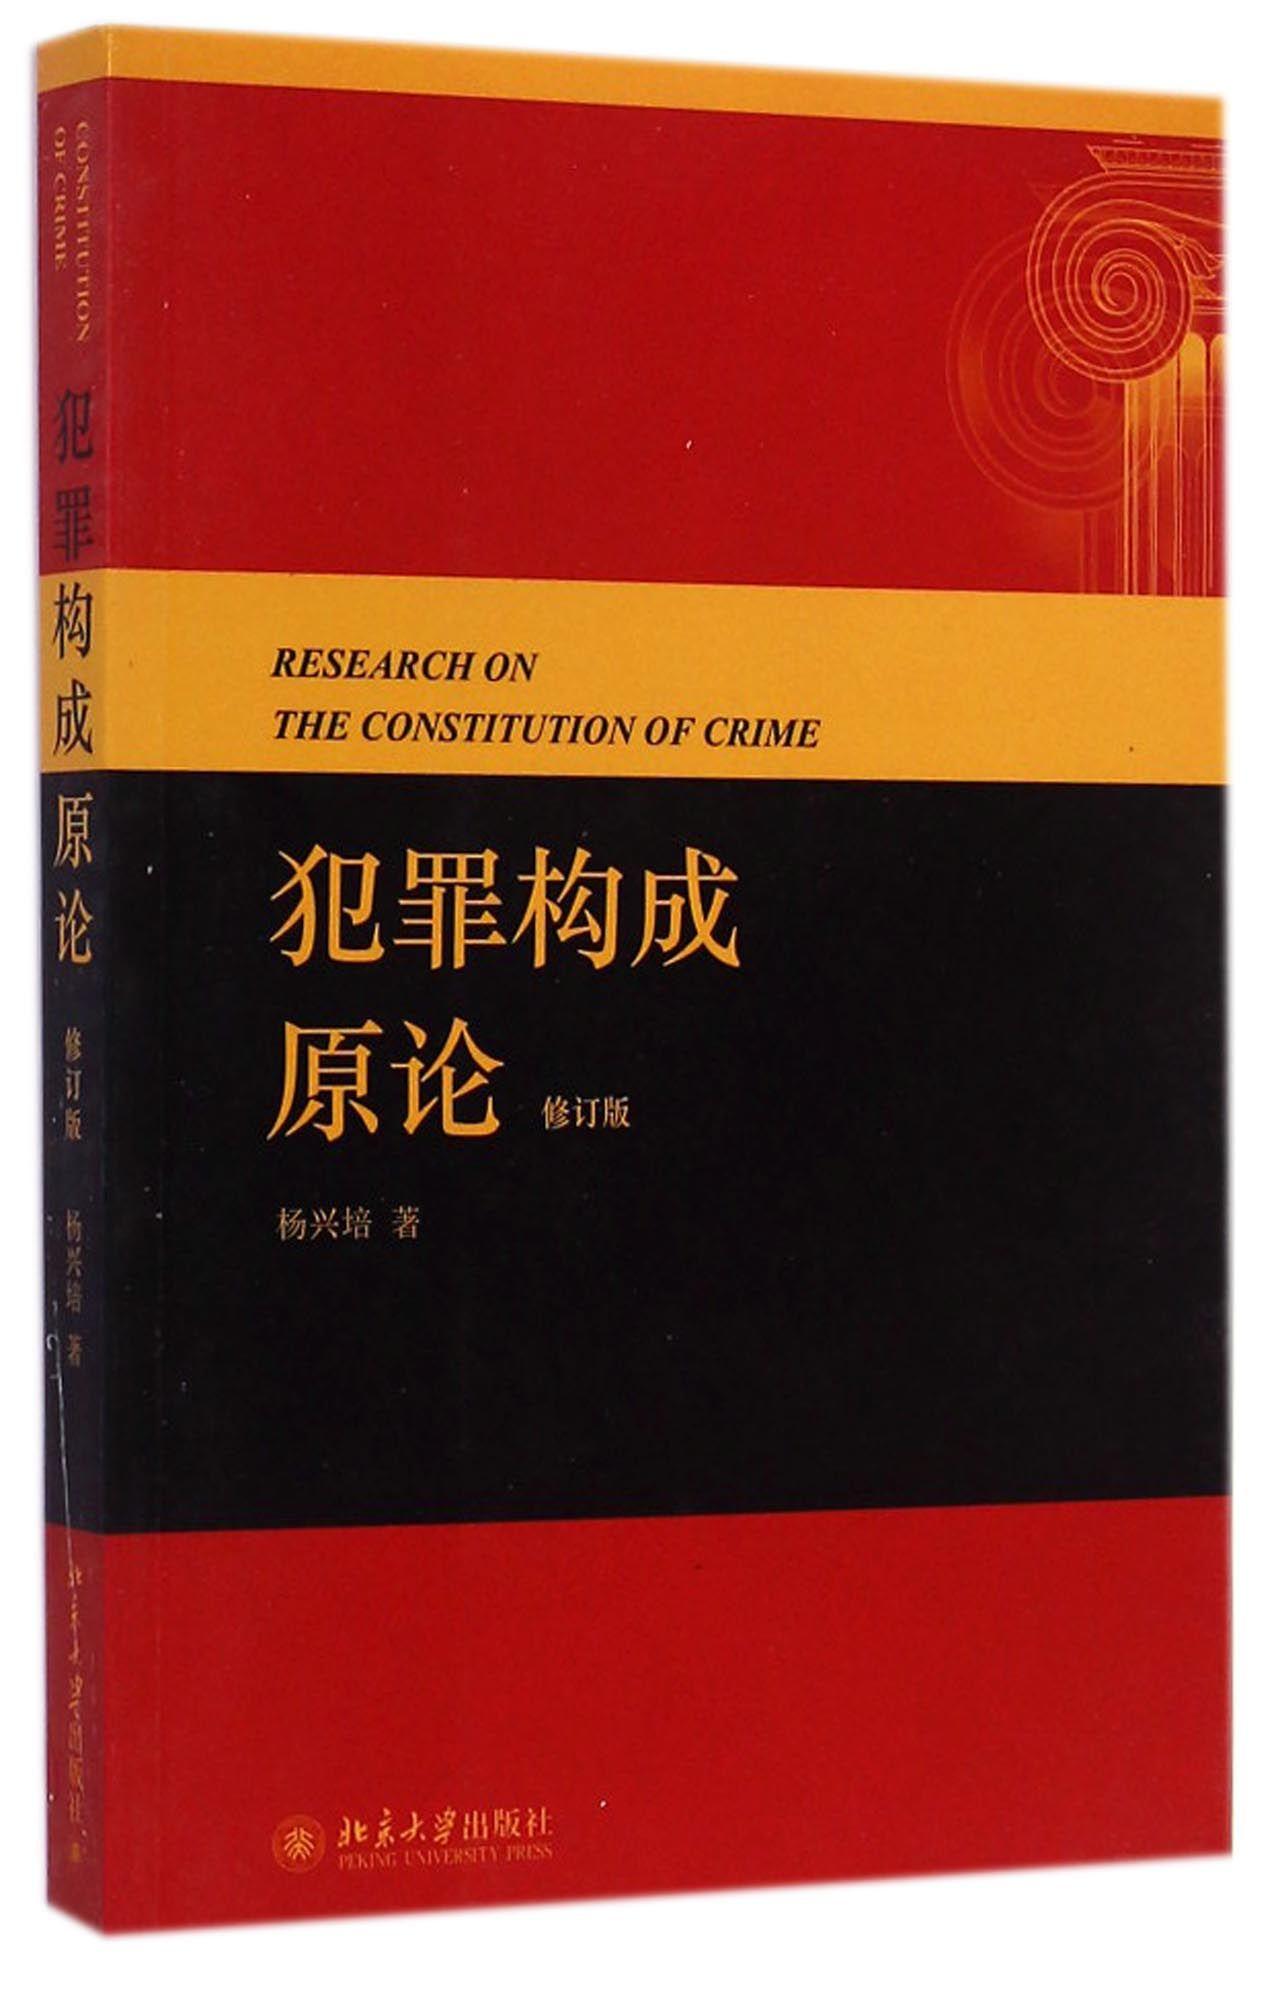 犯罪構成原論(修訂版